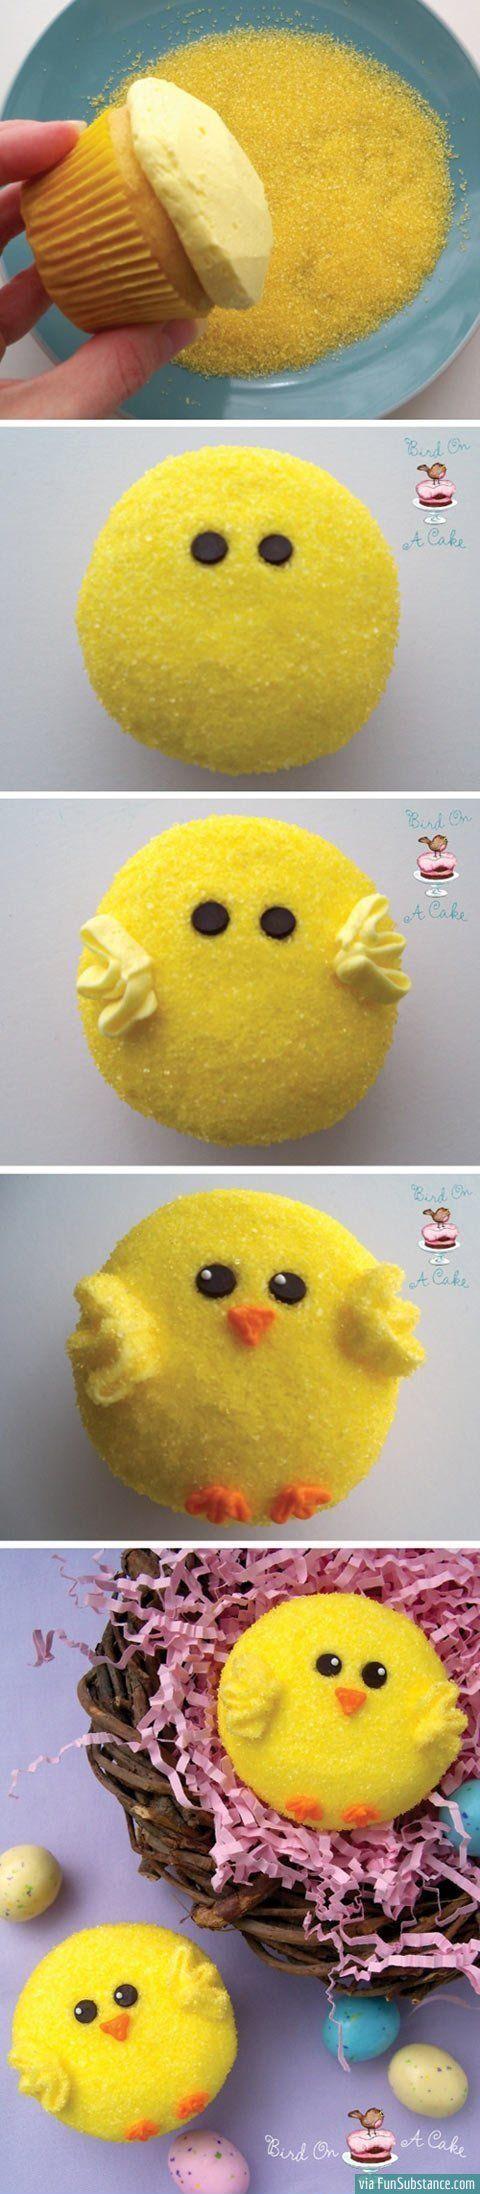 Piou-piou cake